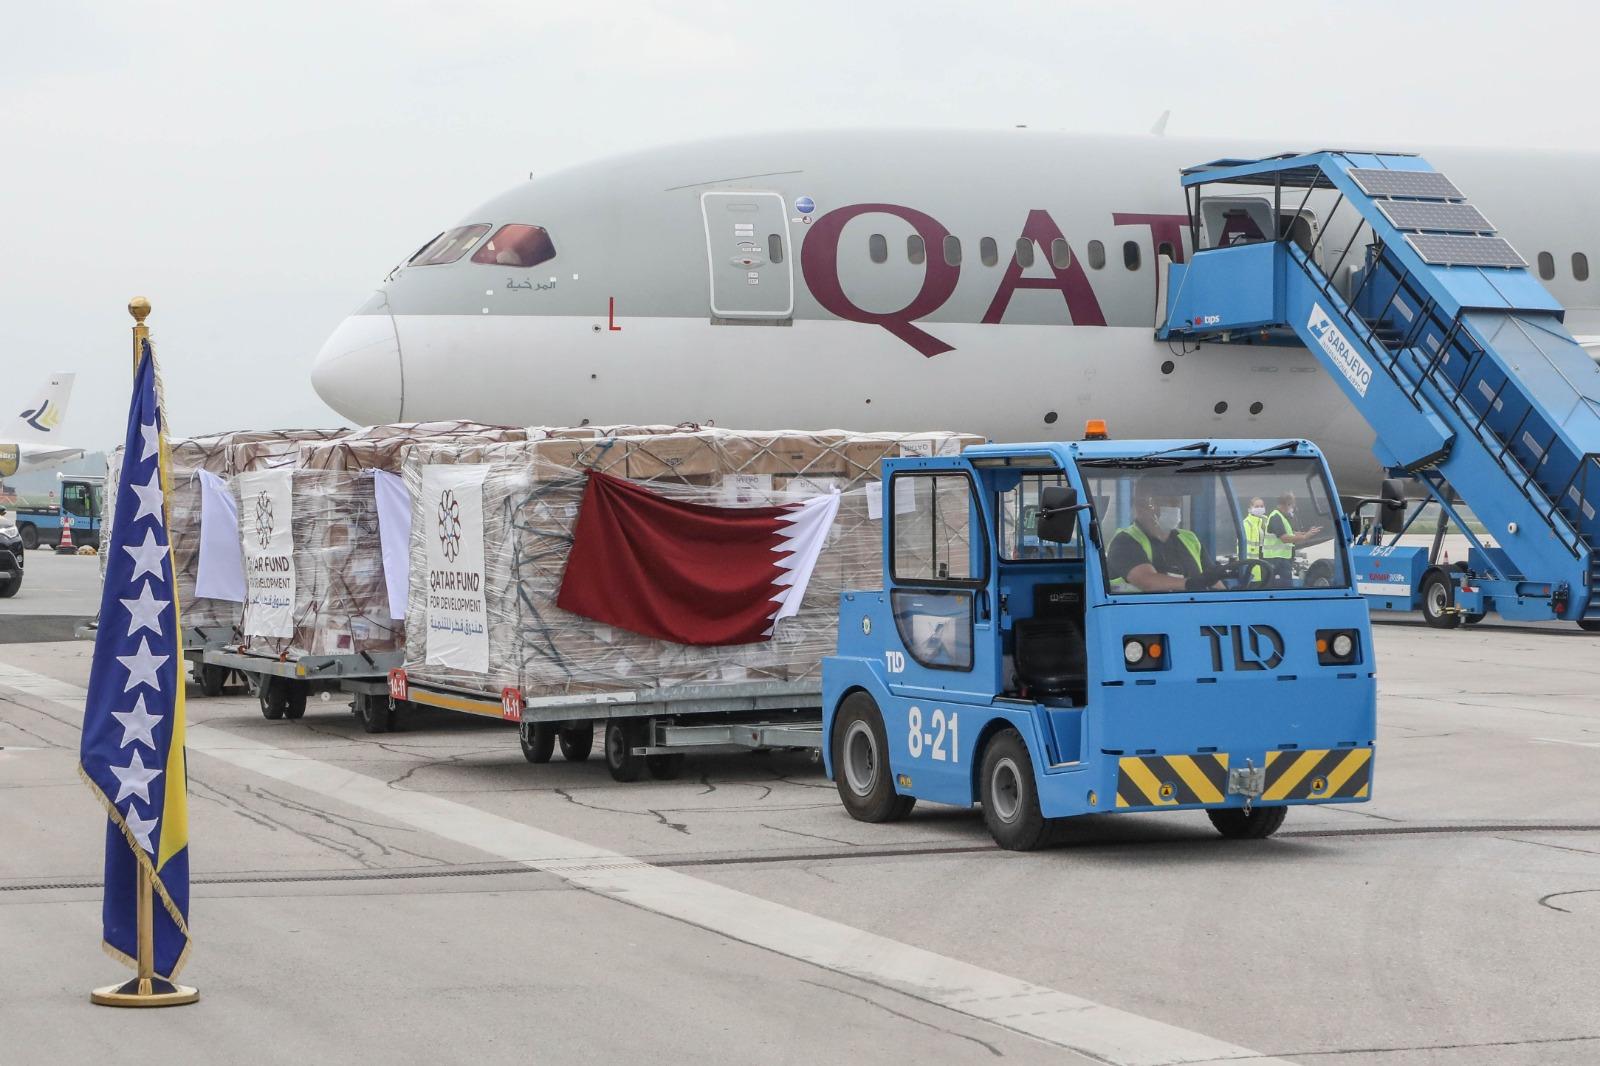 وصول شحنة مساعدات طبية عاجلة إلى البوسنة والهرسك